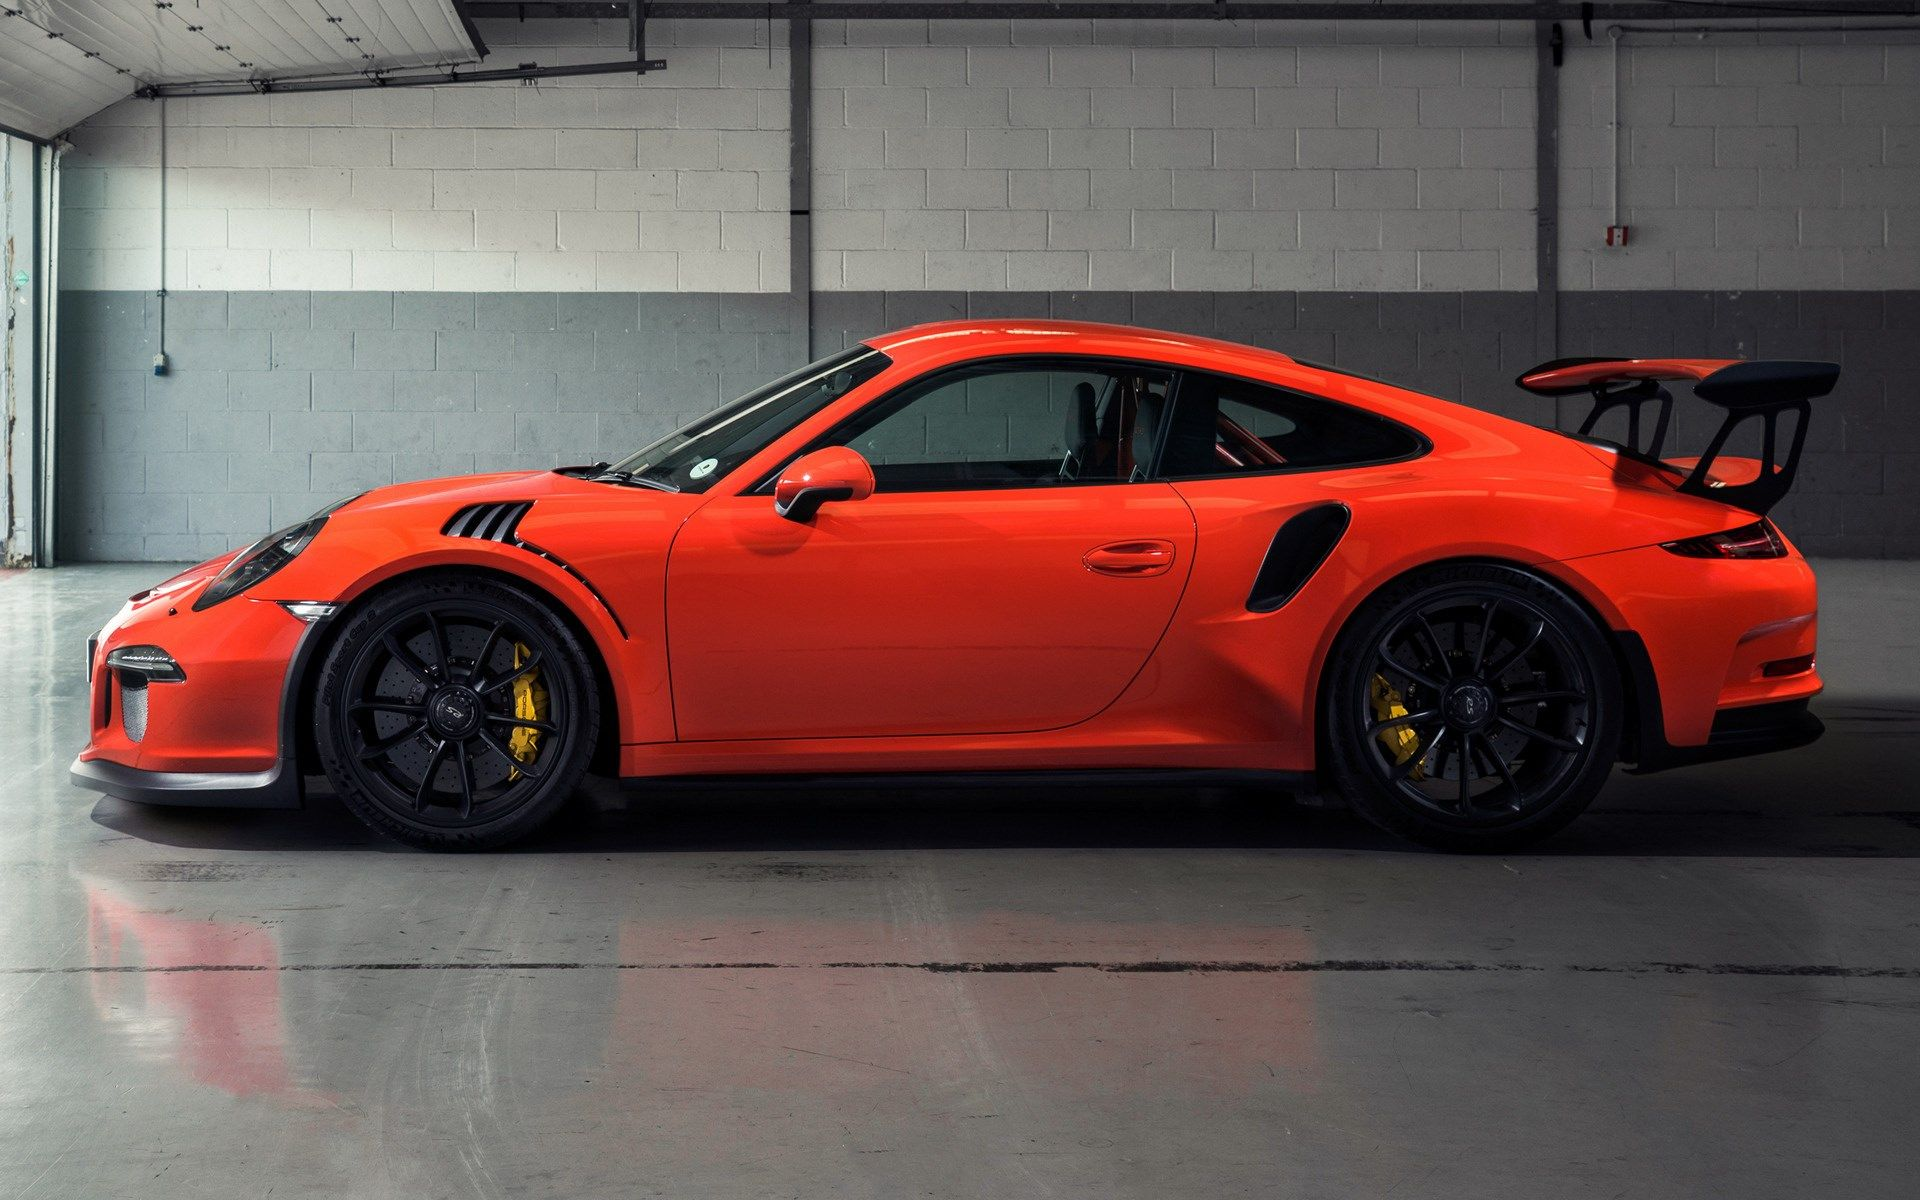 Pin By Craig Mcdermott On Home In 2020 Porsche 911 Gt3 Porsche 911 Iphone Wallpaper Hipster